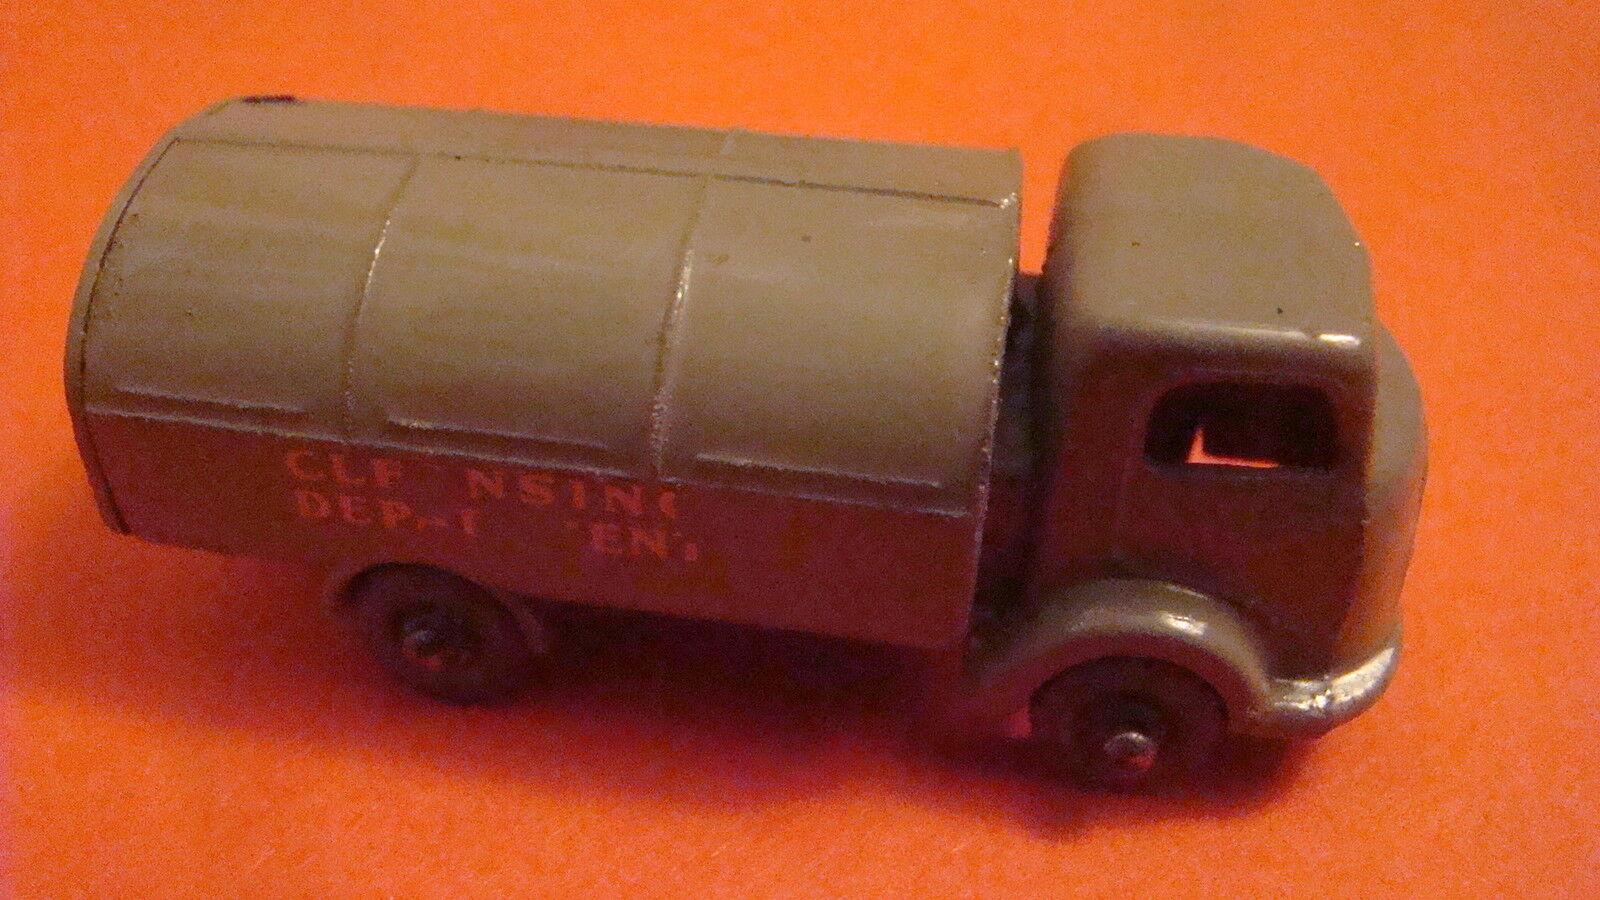 gran selección y entrega rápida Matchbox Regular Rueda 38a Karrier negarse Camión Camión Camión Gris-Marrón Mw 1957  ventas calientes